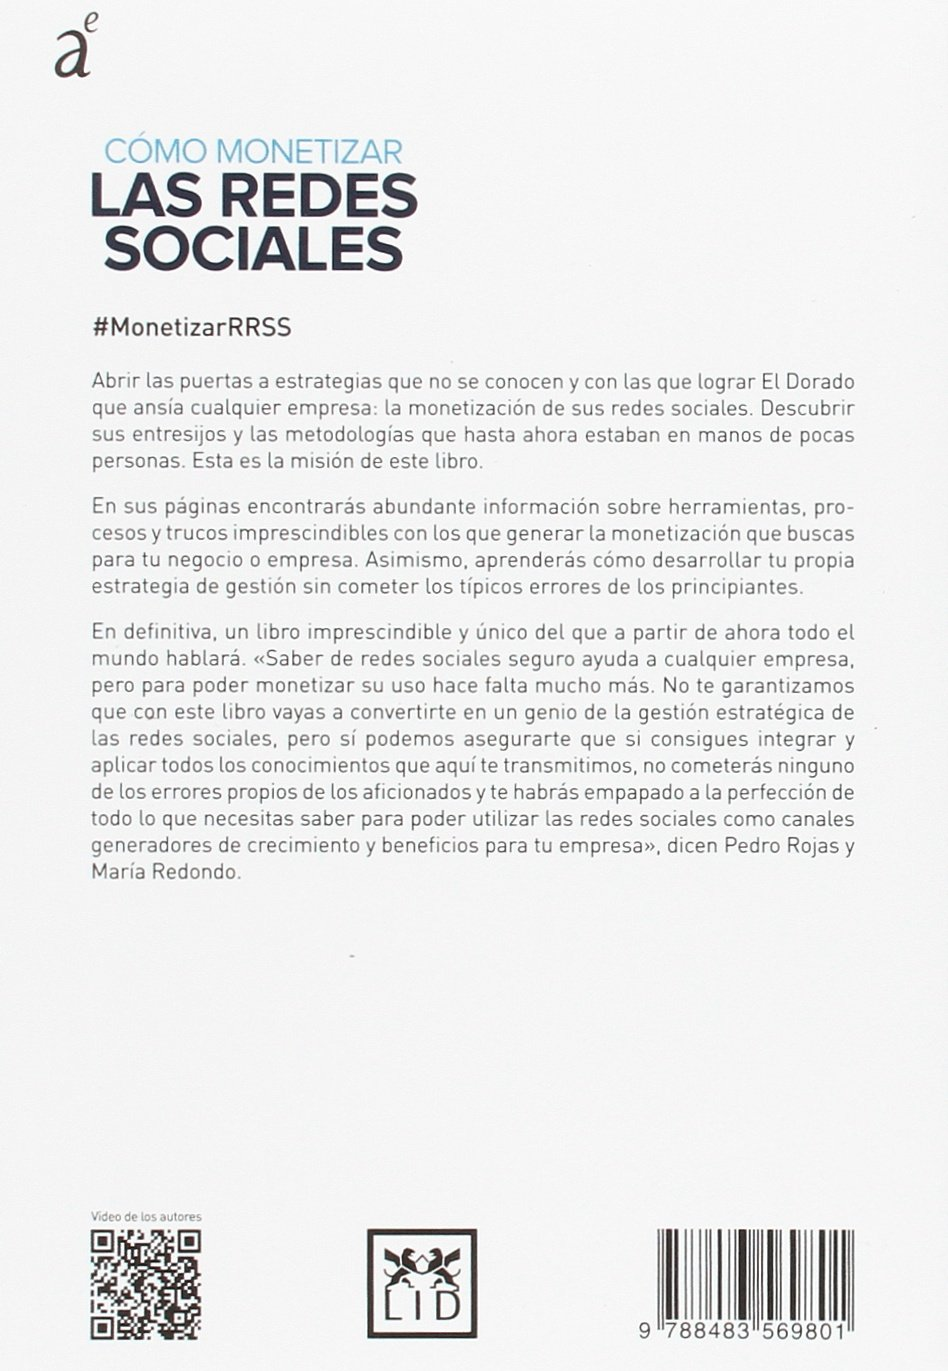 Cómo Monetizar Las Redes Sociales Acción Empresarial Spanish Edition 9788483569801 Rojas Pedro Redondo María Books